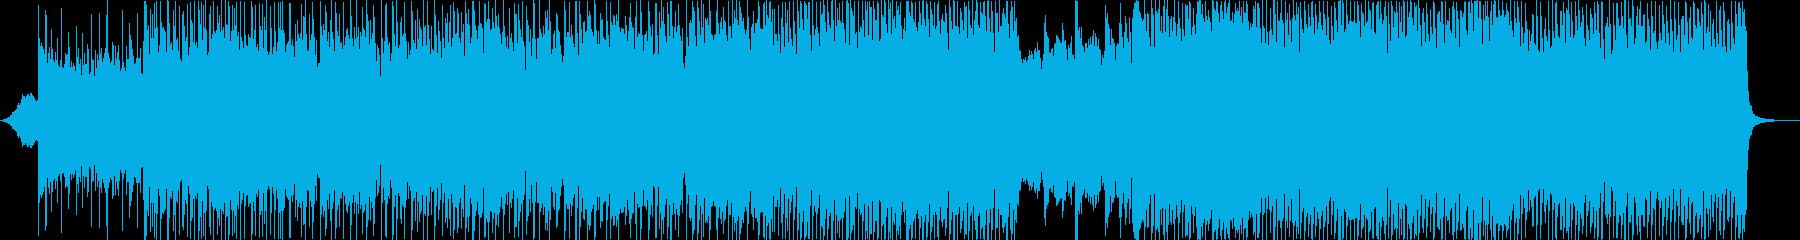 映画ソラリスなどイメージした物憂げな歌詞の再生済みの波形